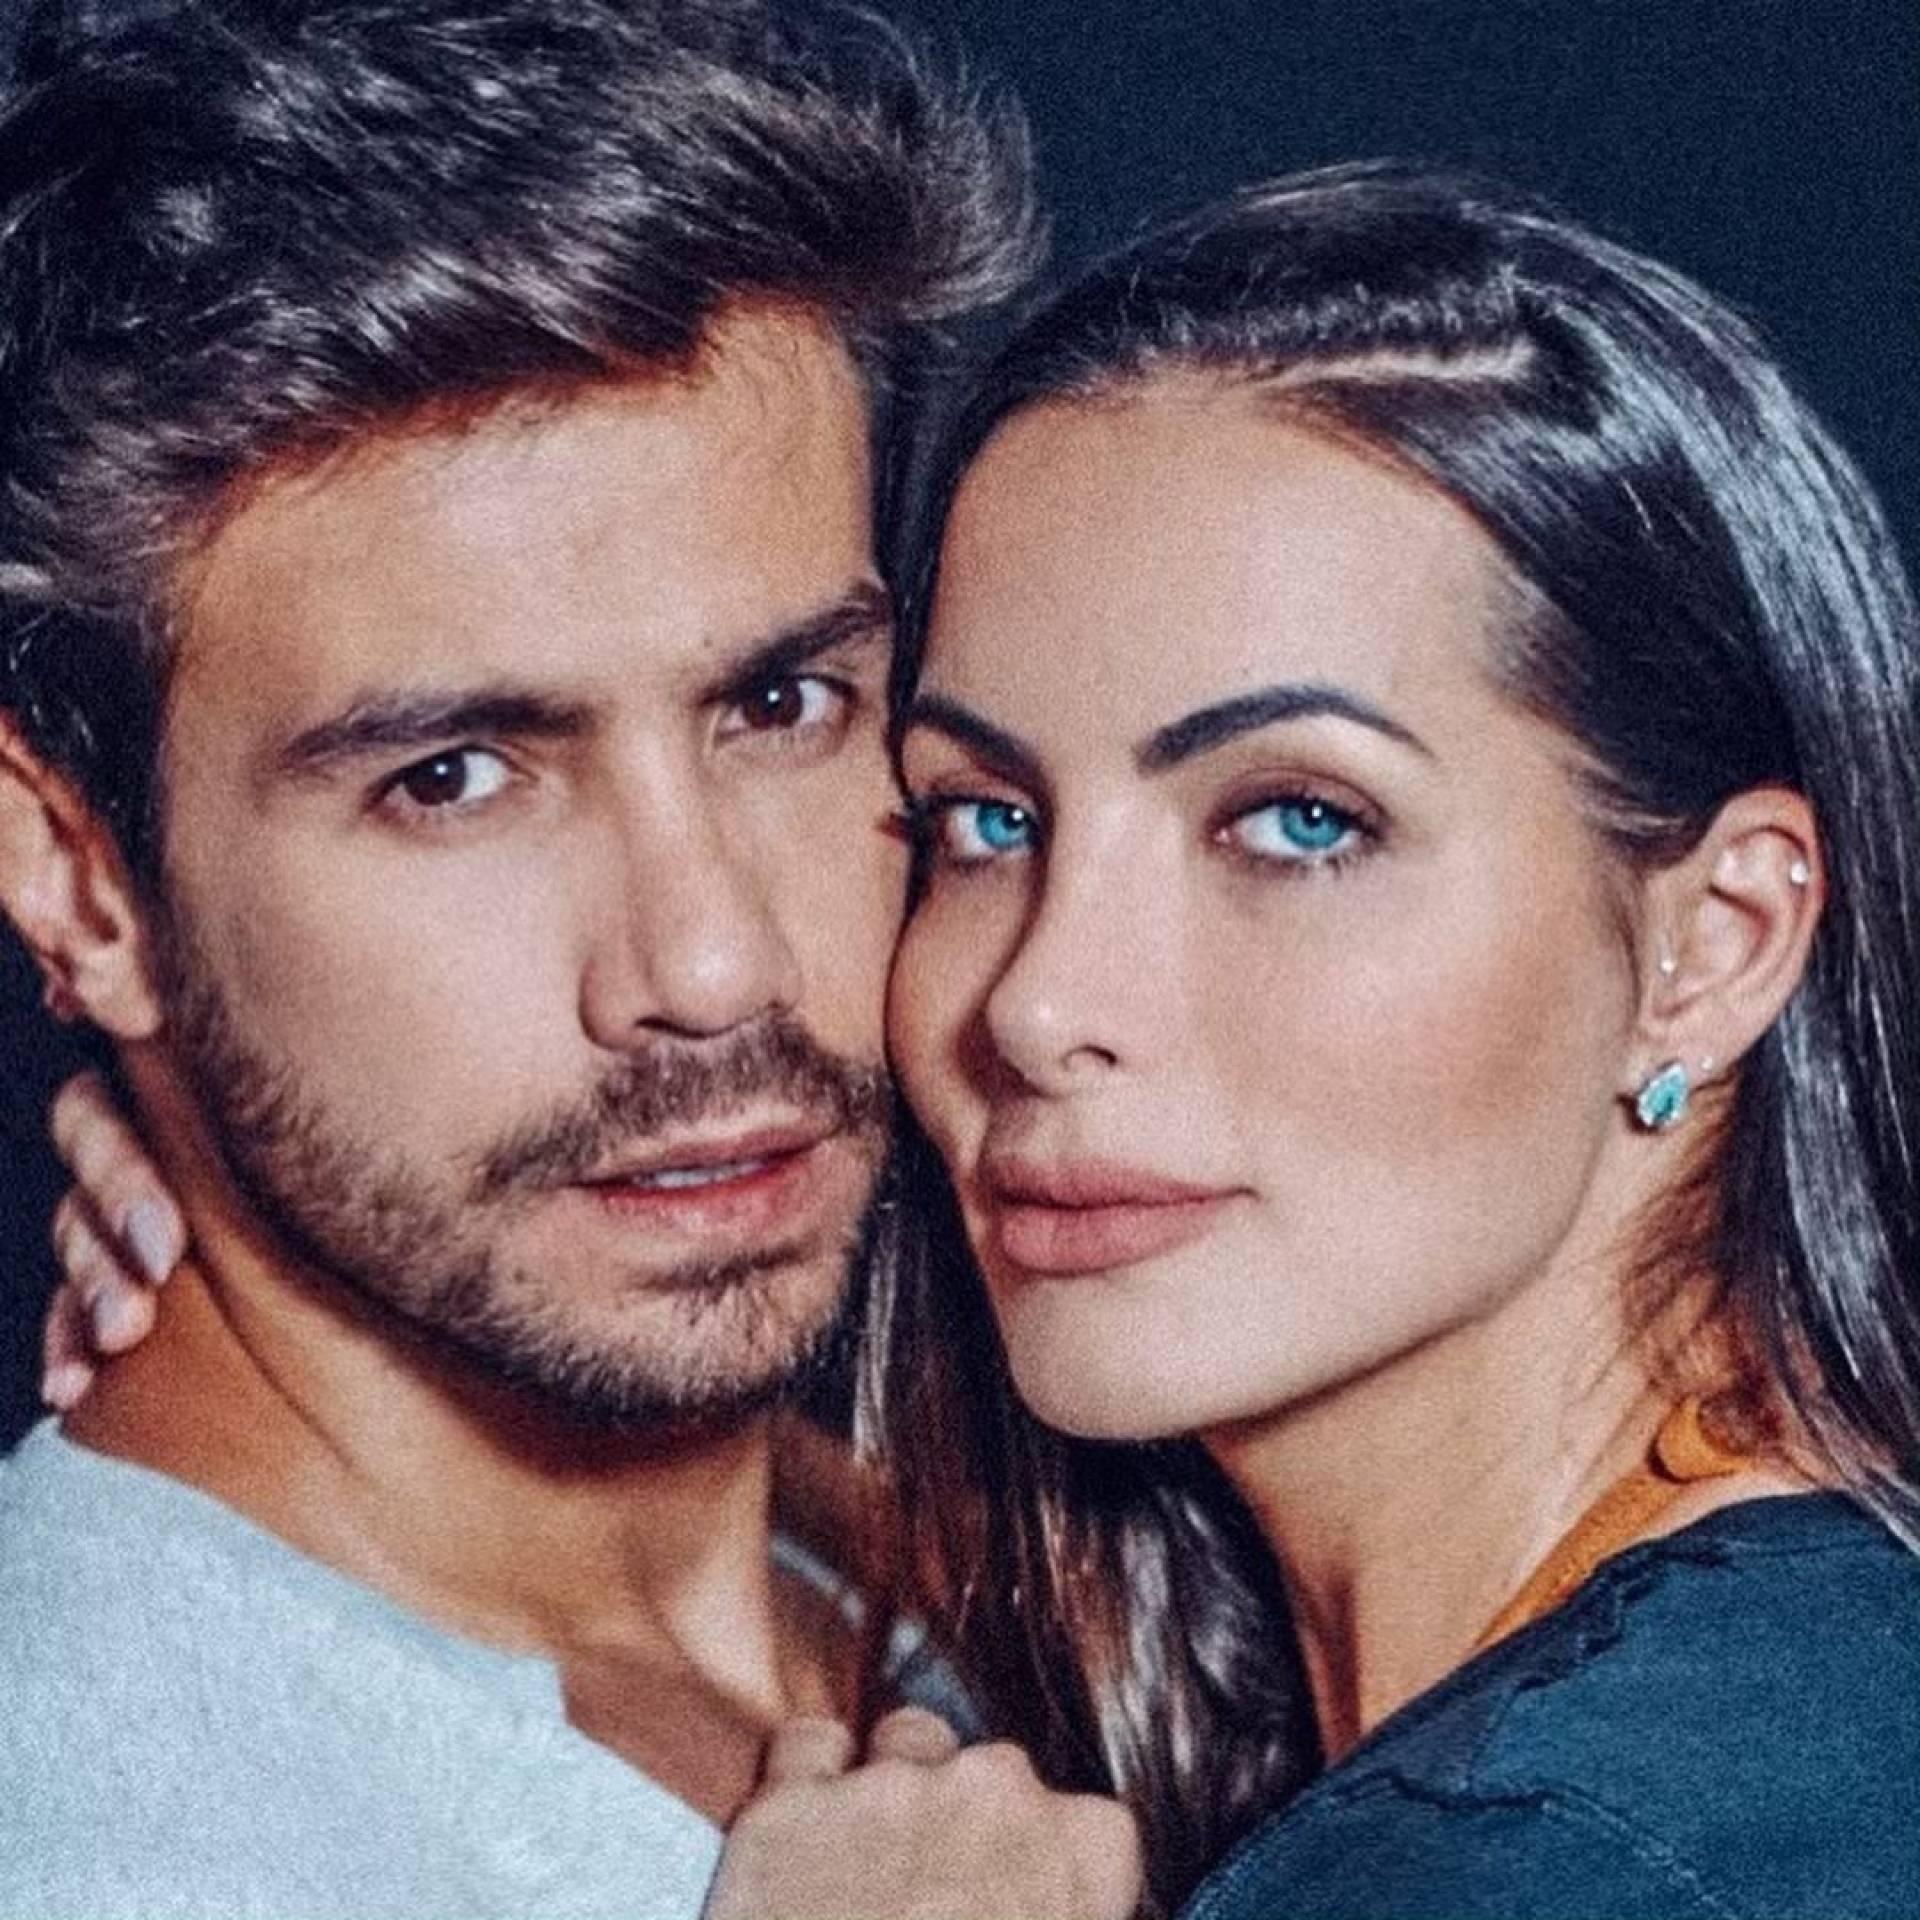 Carla Prata comenta fim do namoro com Mariano: 'Prioridades diferentes!'